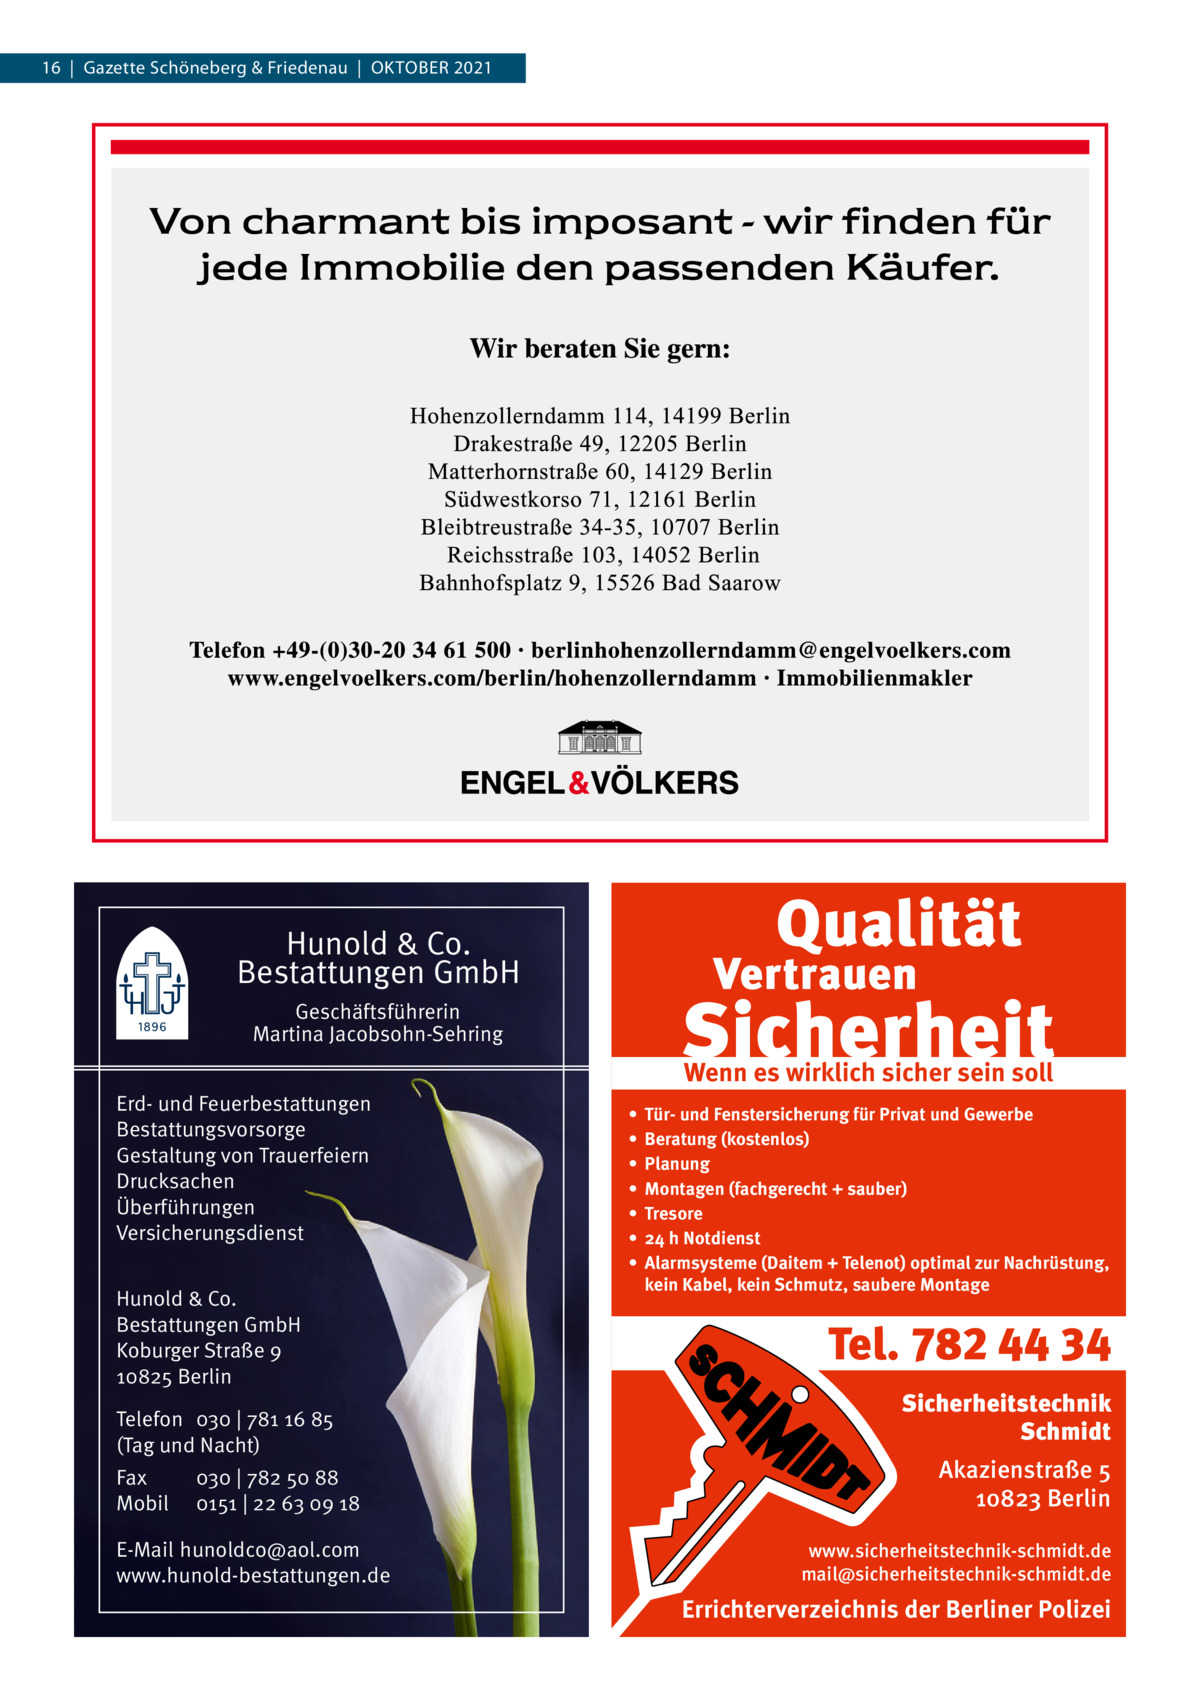 16|Gazette Schöneberg & Friedenau|OKtOBER 2021  Hunold & Co. Bestattungen GmbH Geschäftsführerin Martina Jacobsohn-Sehring Erd- und Feuerbestattungen Bestattungsvorsorge Gestaltung von Trauerfeiern Drucksachen Überführungen Versicherungsdienst Hunold & Co. Bestattungen GmbH Koburger Straße 9 10825 Berlin Telefon 030 | 781 16 85 (Tag und Nacht) Fax Mobil  030 | 782 50 88 0151 | 22 63 09 18  E-Mail hunoldco@aol.com www.hunold-bestattungen.de  Wenn es wirklich sicher sein soll • • • • • • •  Tür- und Fenstersicherung für Privat und Gewerbe Beratung (kostenlos) Planung Montagen (fachgerecht + sauber) Tresore 24 h Notdienst Alarmsysteme (Daitem + Telenot) optimal zur Nachrüstung, kein Kabel, kein Schmutz, saubere Montage  Tel. 782 44 34 Sicherheitstechnik Schmidt Akazienstraße 5 10823 Berlin www.sicherheitstechnik-schmidt.de mail@sicherheitstechnik-schmidt.de  Errichterverzeichnis der Berliner Polizei